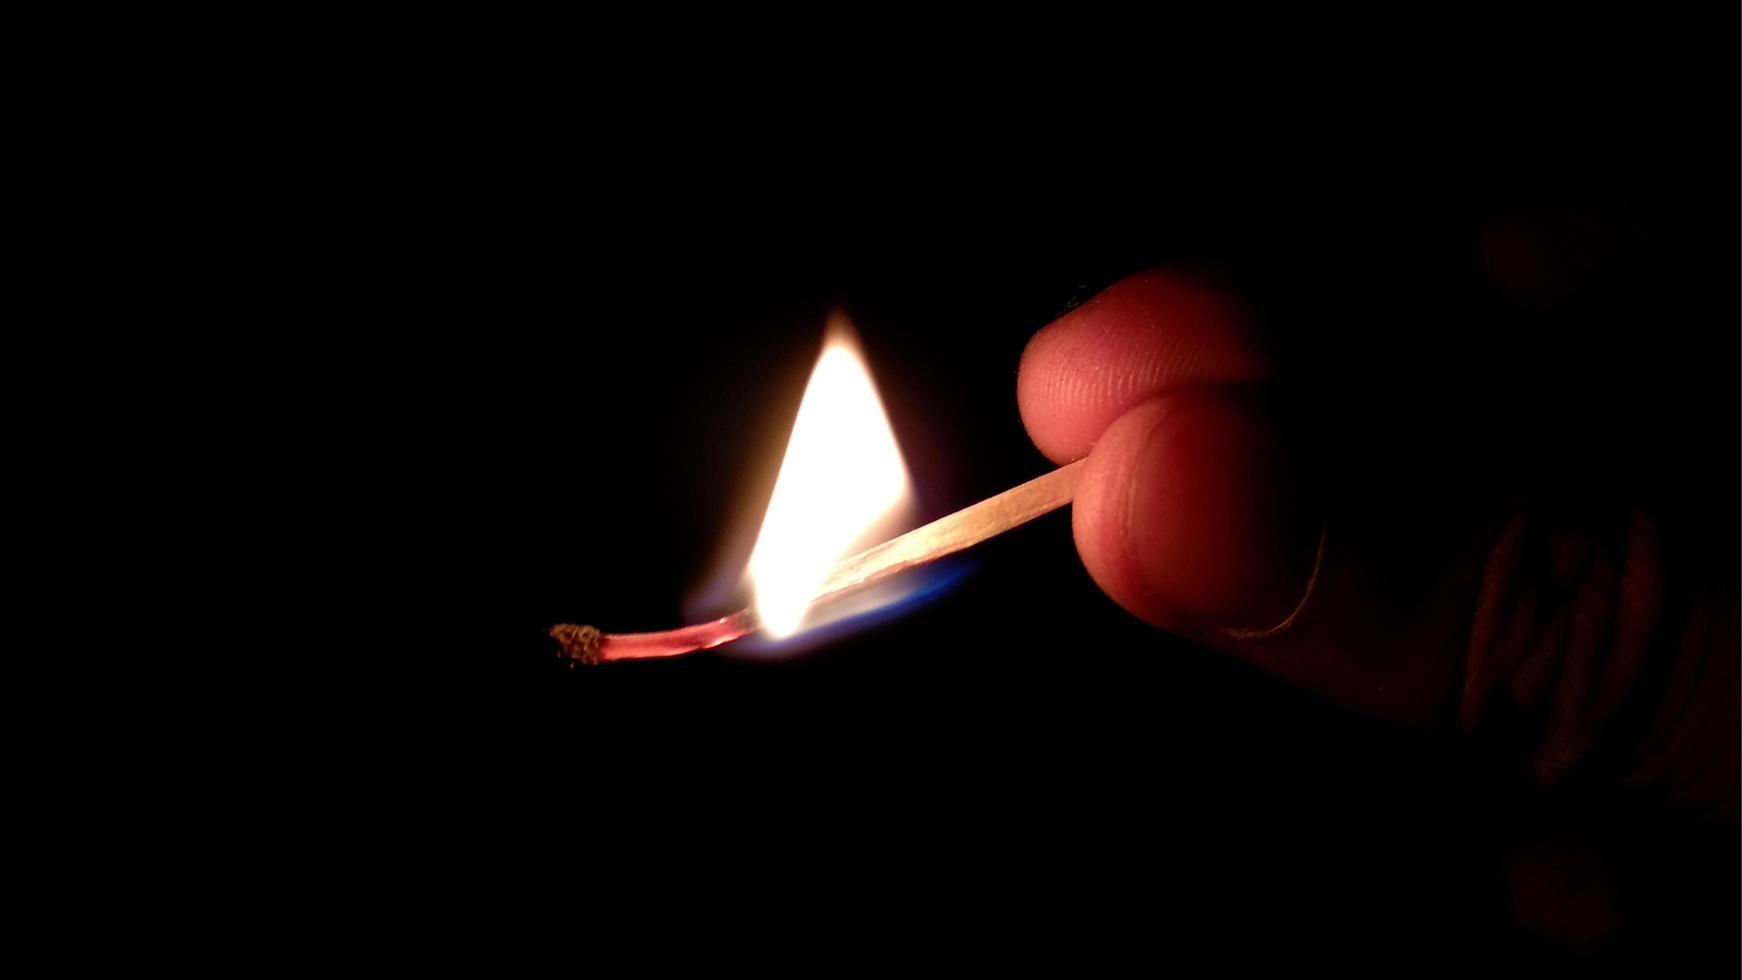 matchstick met de vlam en rook branden, geïsoleerd op een zwarte achtergrond foto